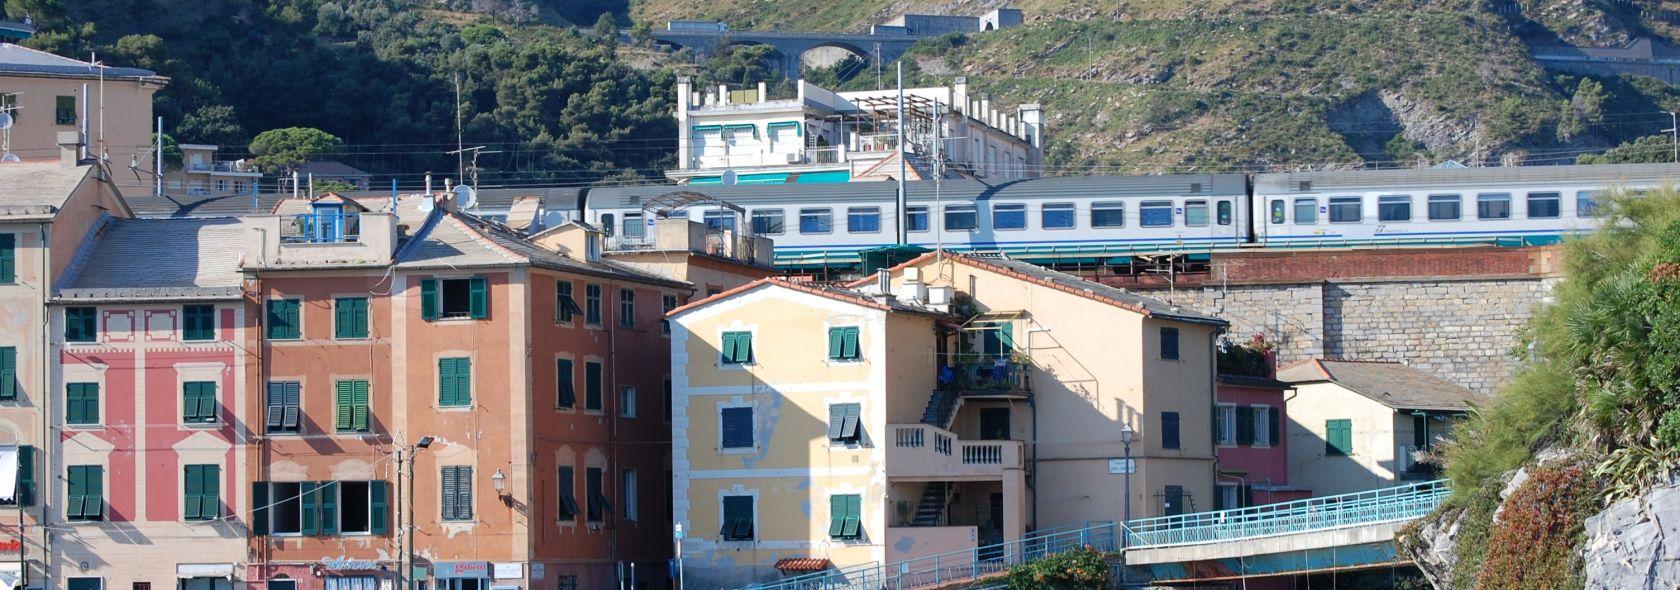 Treno di passaggio a Genova Nervi